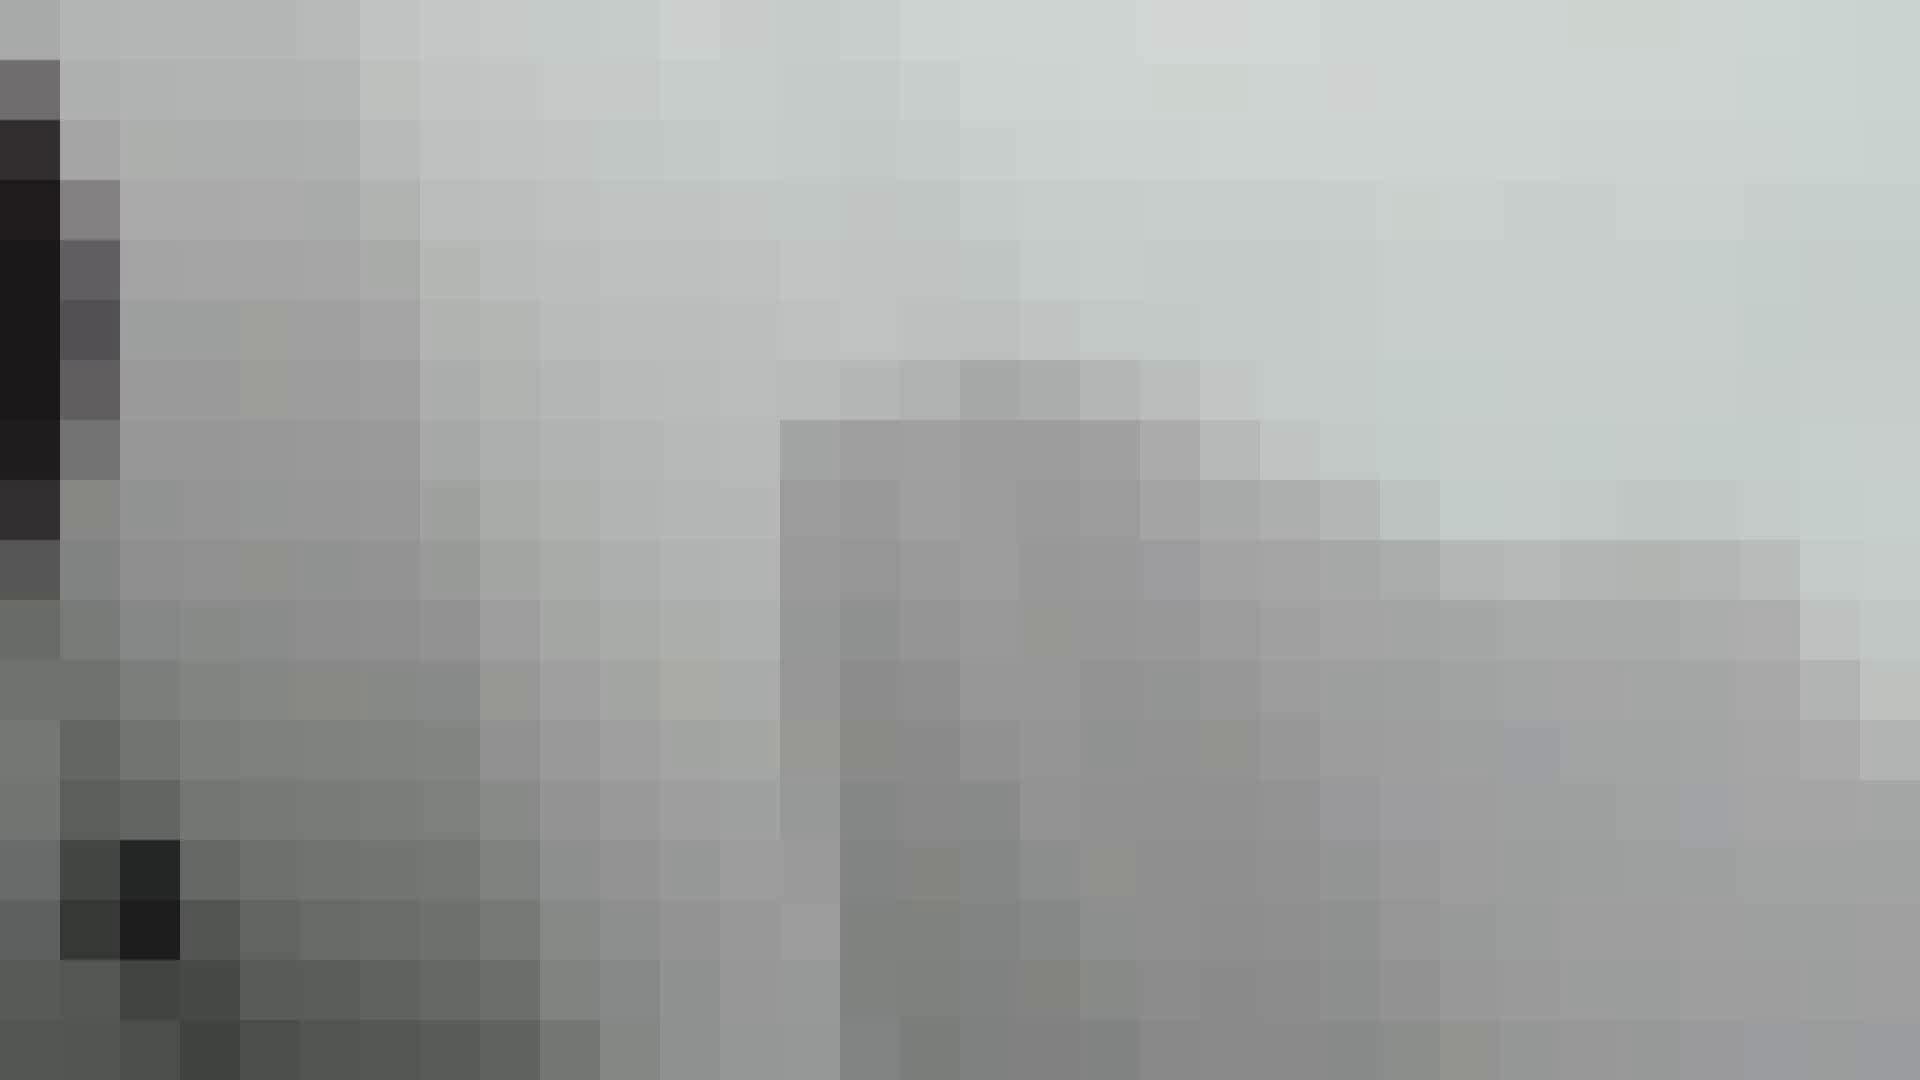 【日本成人用品展览会。超模如云】vol.01 着替|空爆 美しいOLの裸体 オメコ動画キャプチャ 103pic 74